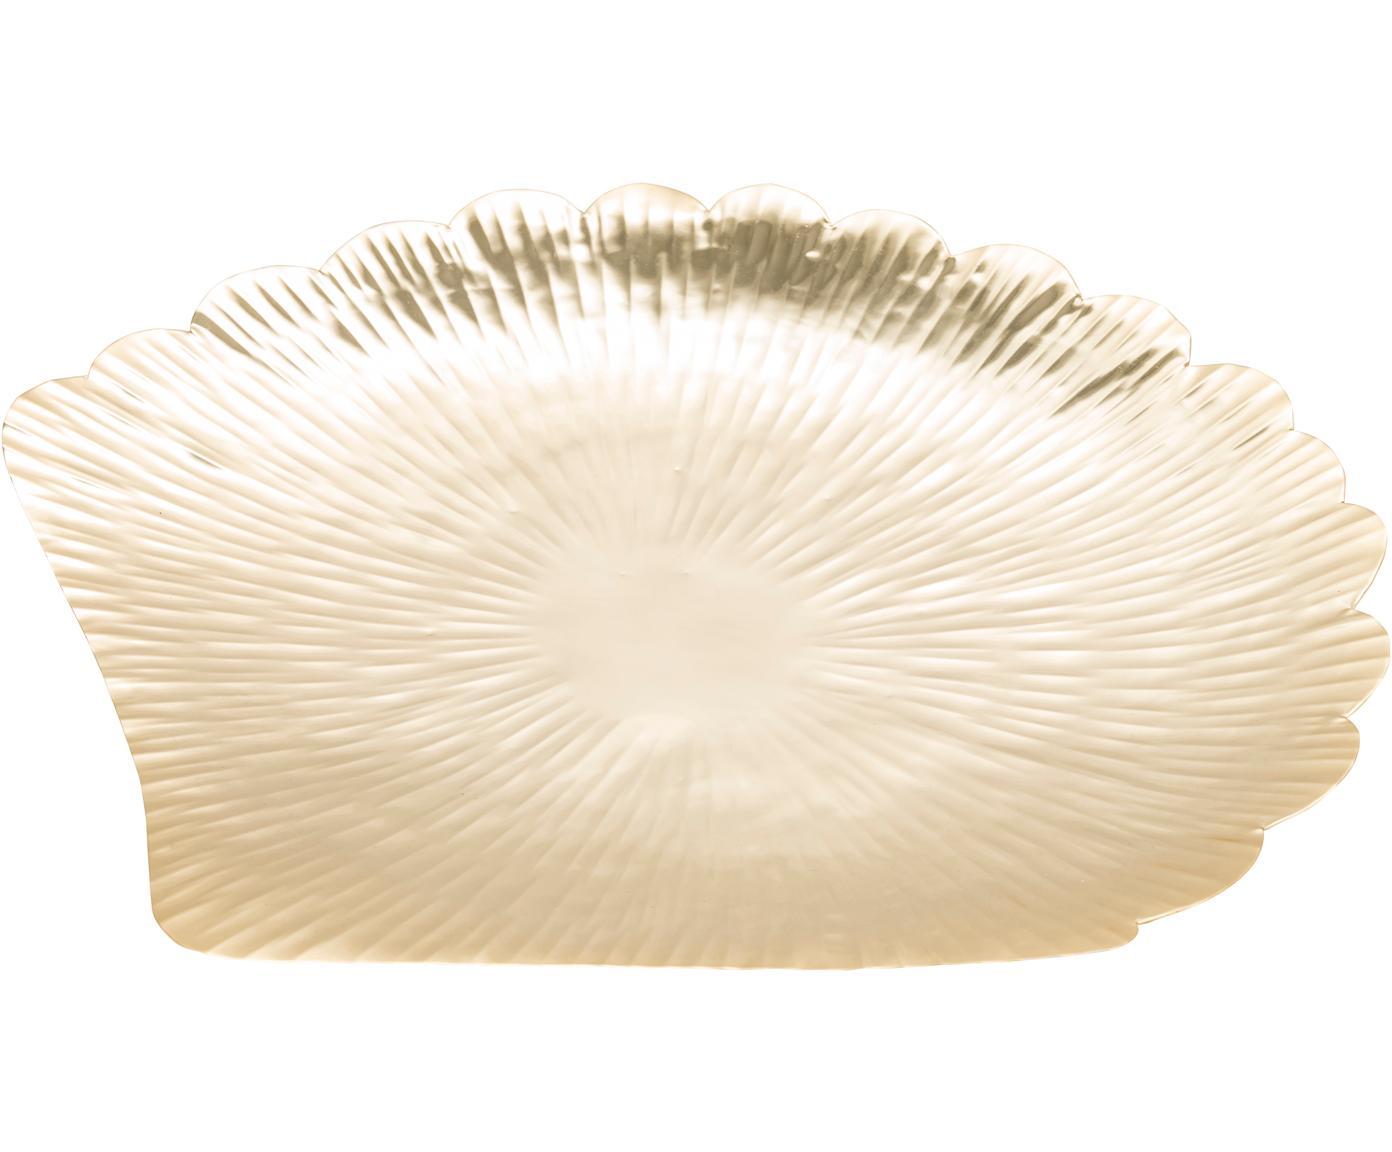 Taca dekoracyjna Helix, Stal nierdzewna, Odcienie złotego, S 44 x G 42 cm